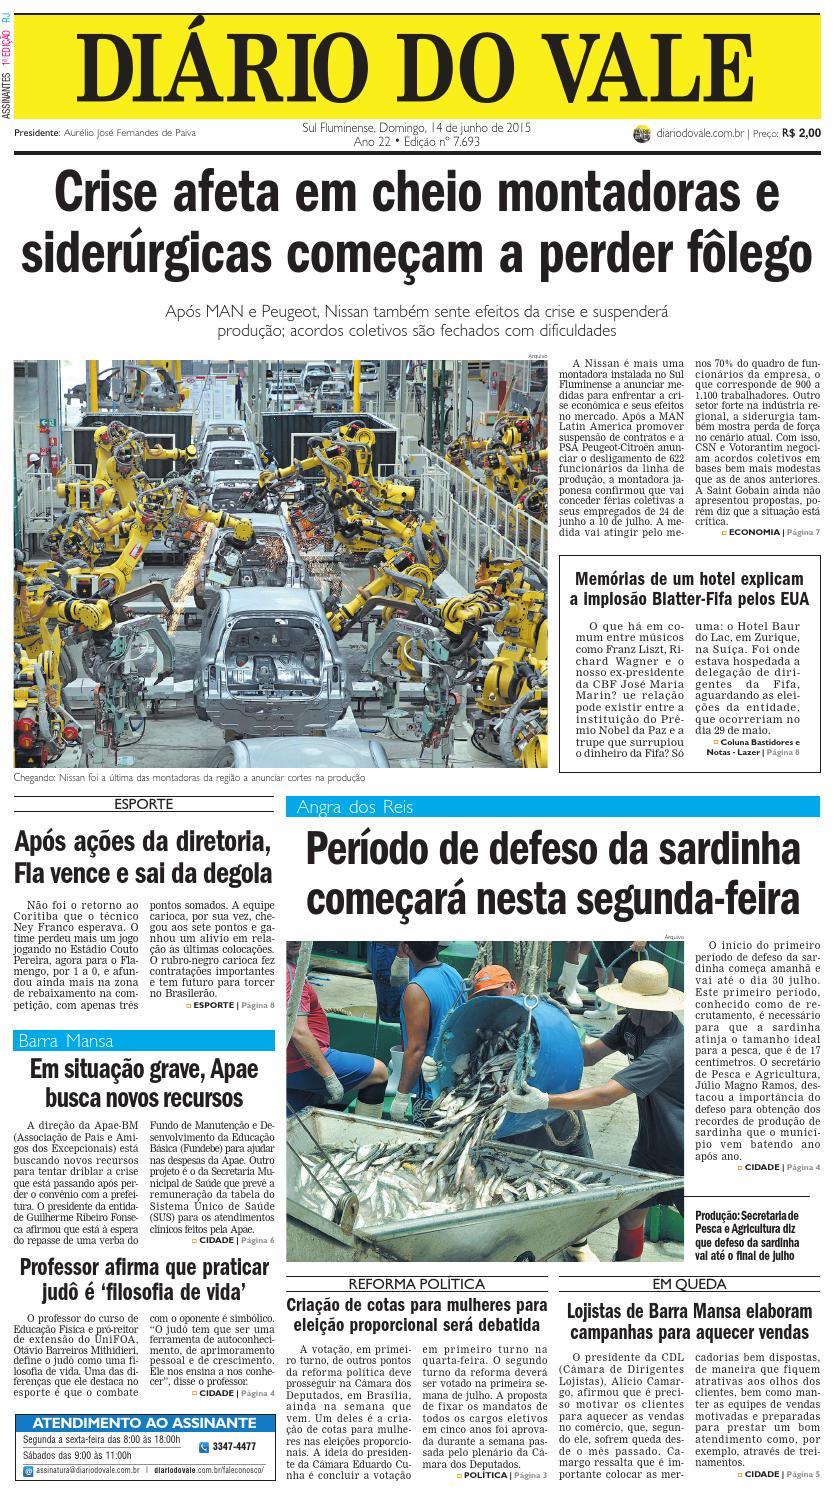 7693 diario domingo 14 06 2015 by Diário do Vale - issuu 14ca029e7e68e